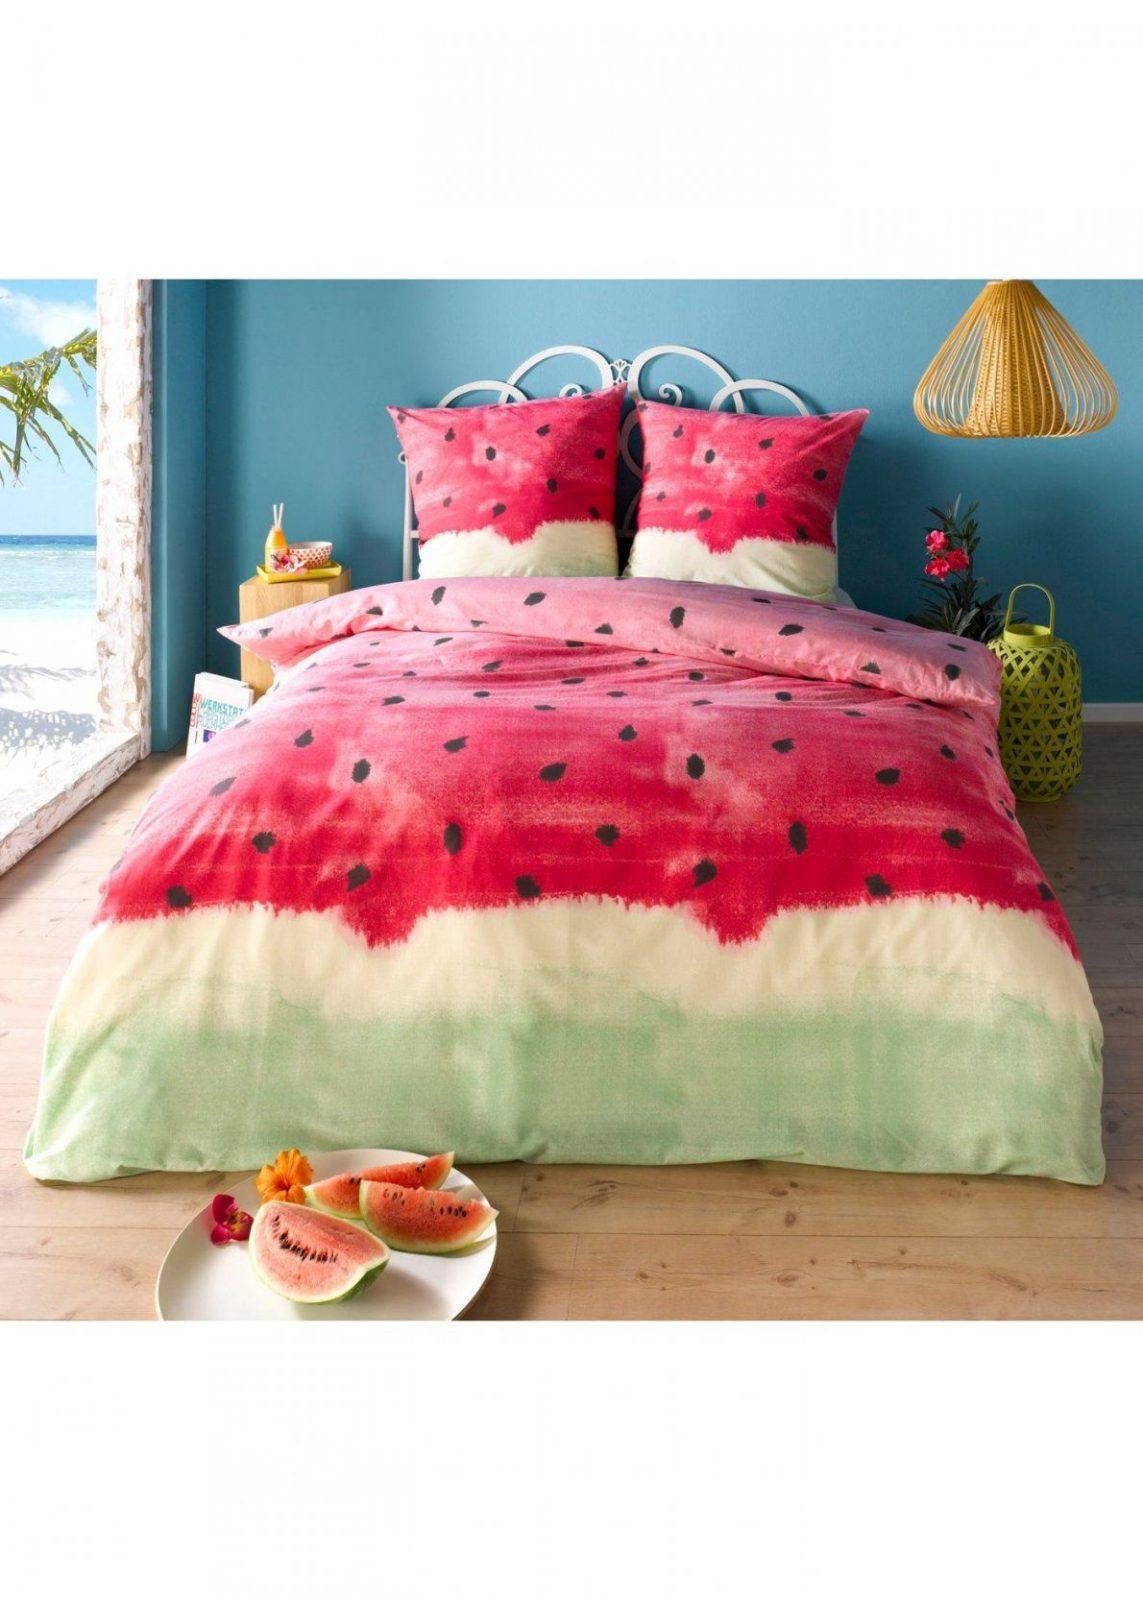 Die Bettwäsche  Melonen Bettbezug Und Bettwaesche von Bettwäsche Selber Bedrucken Lassen Photo